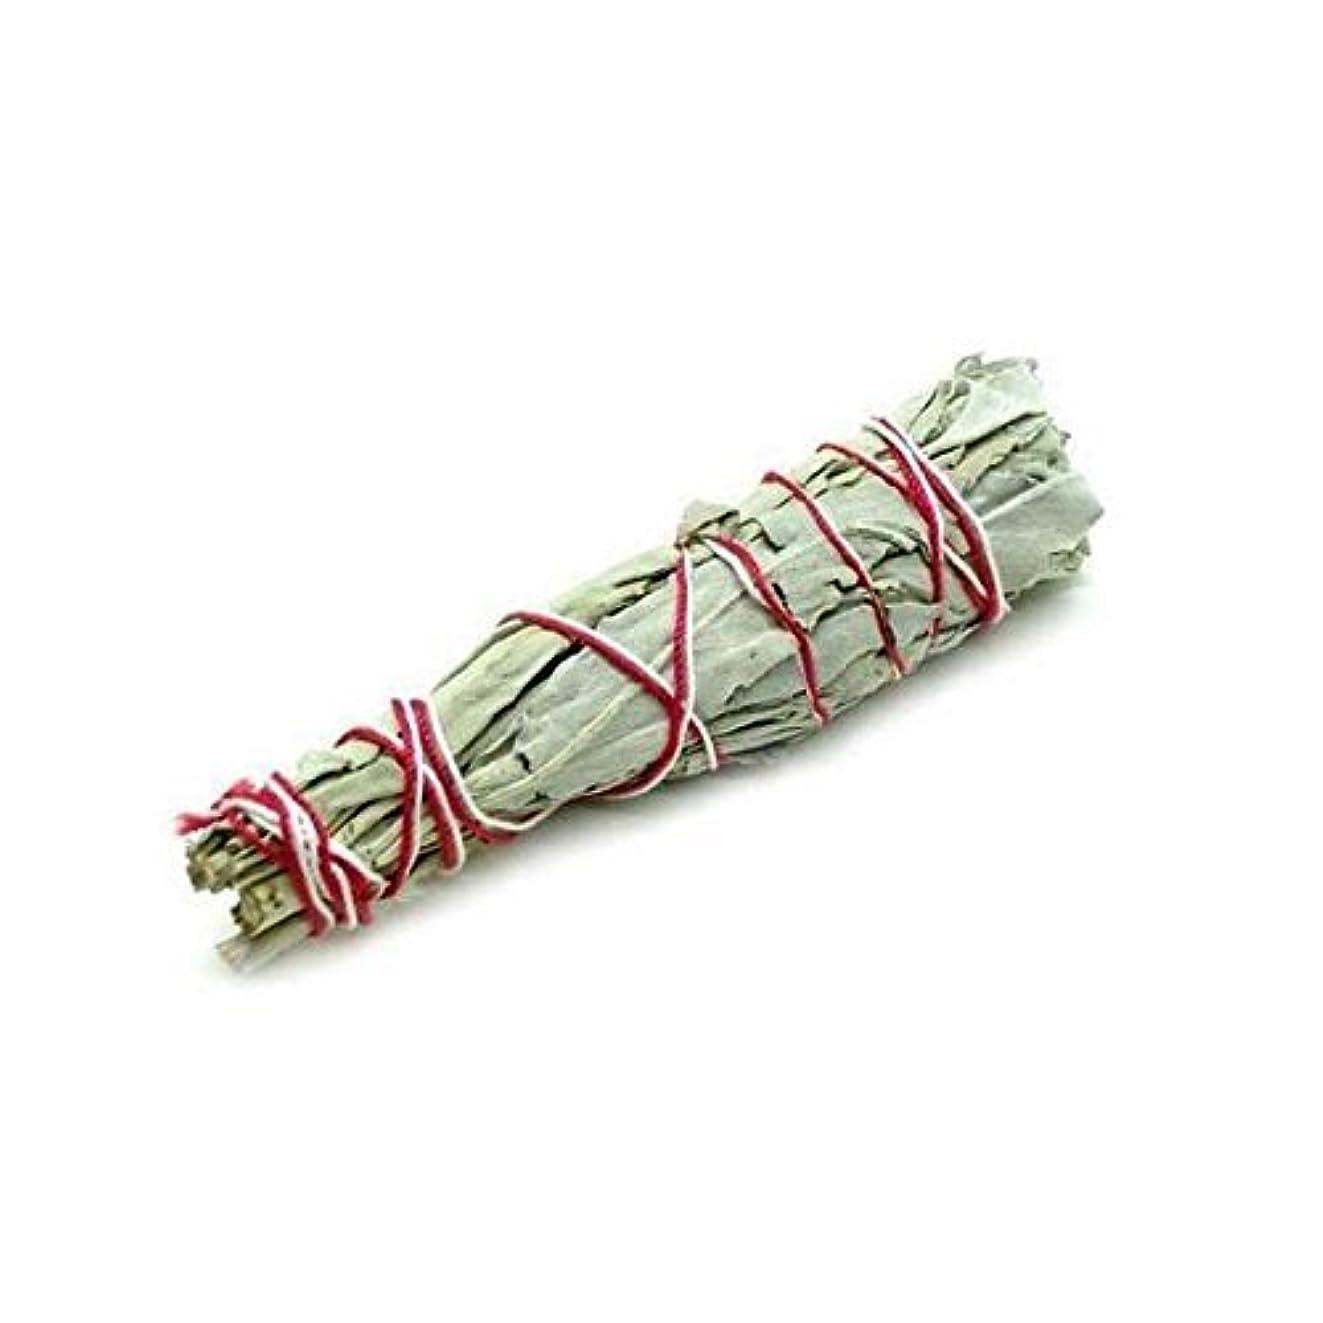 目の前のスライス喜ぶセージバンドル – ホワイトセージSmudge Stick使用のクレンジングとPurifyingエネルギー、瞑想、自然として、消臭 – 6 Inches Long